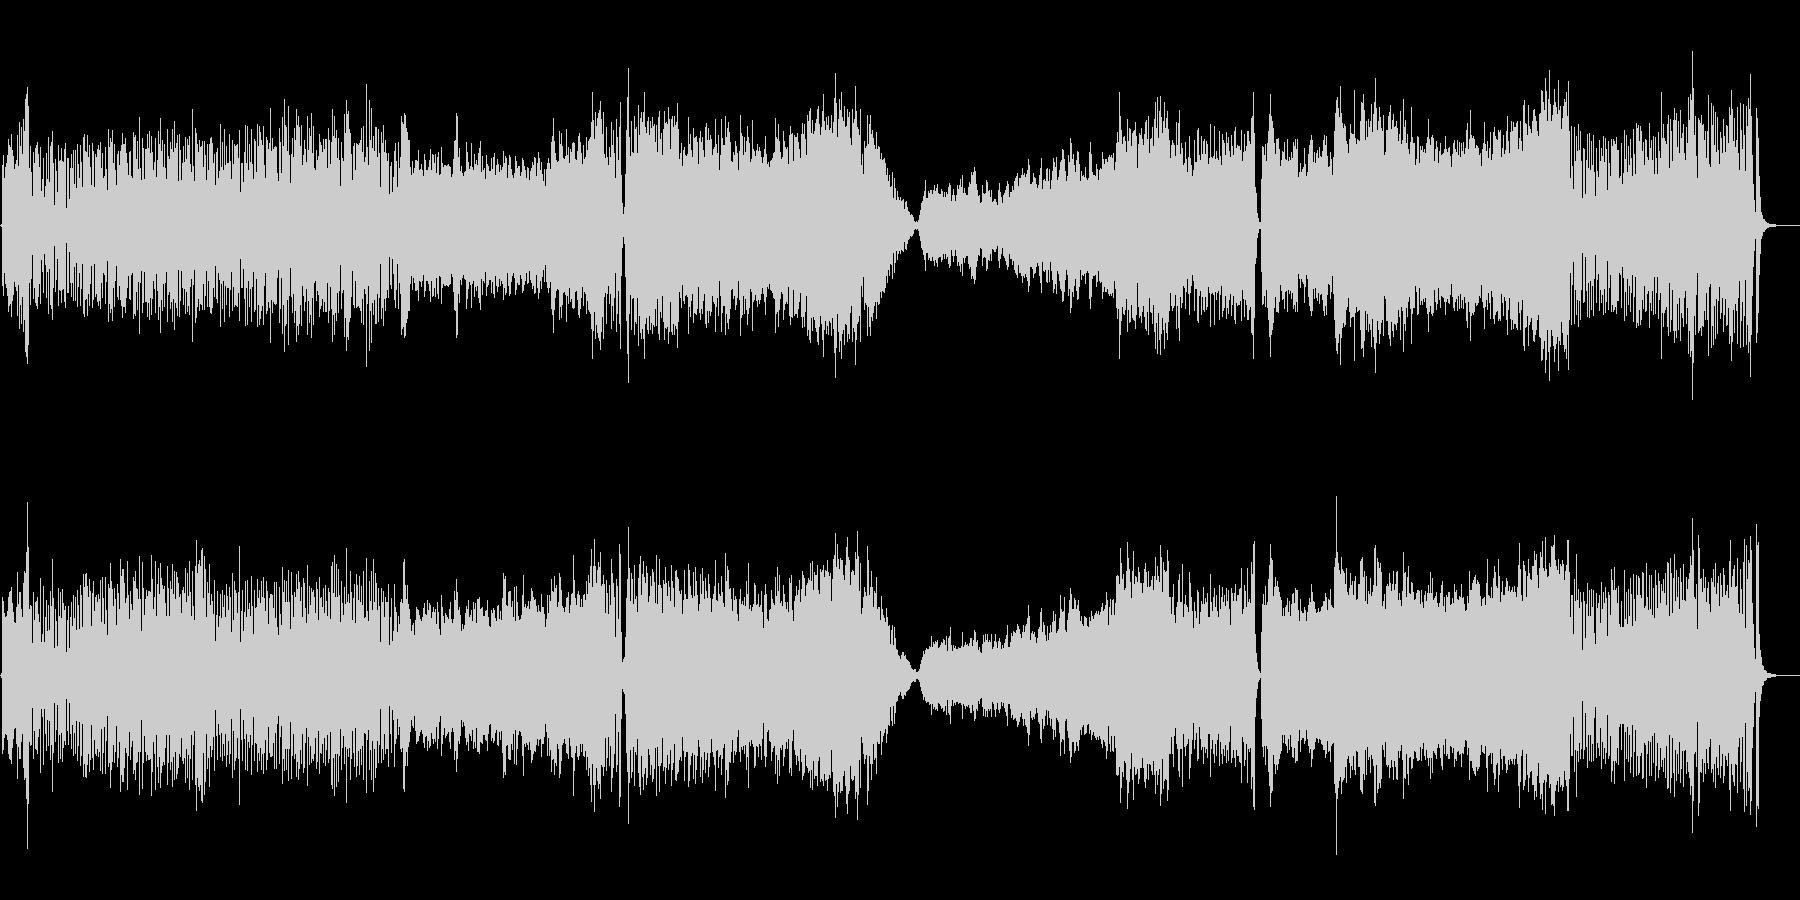 フルオーケストラのOPテーマの未再生の波形